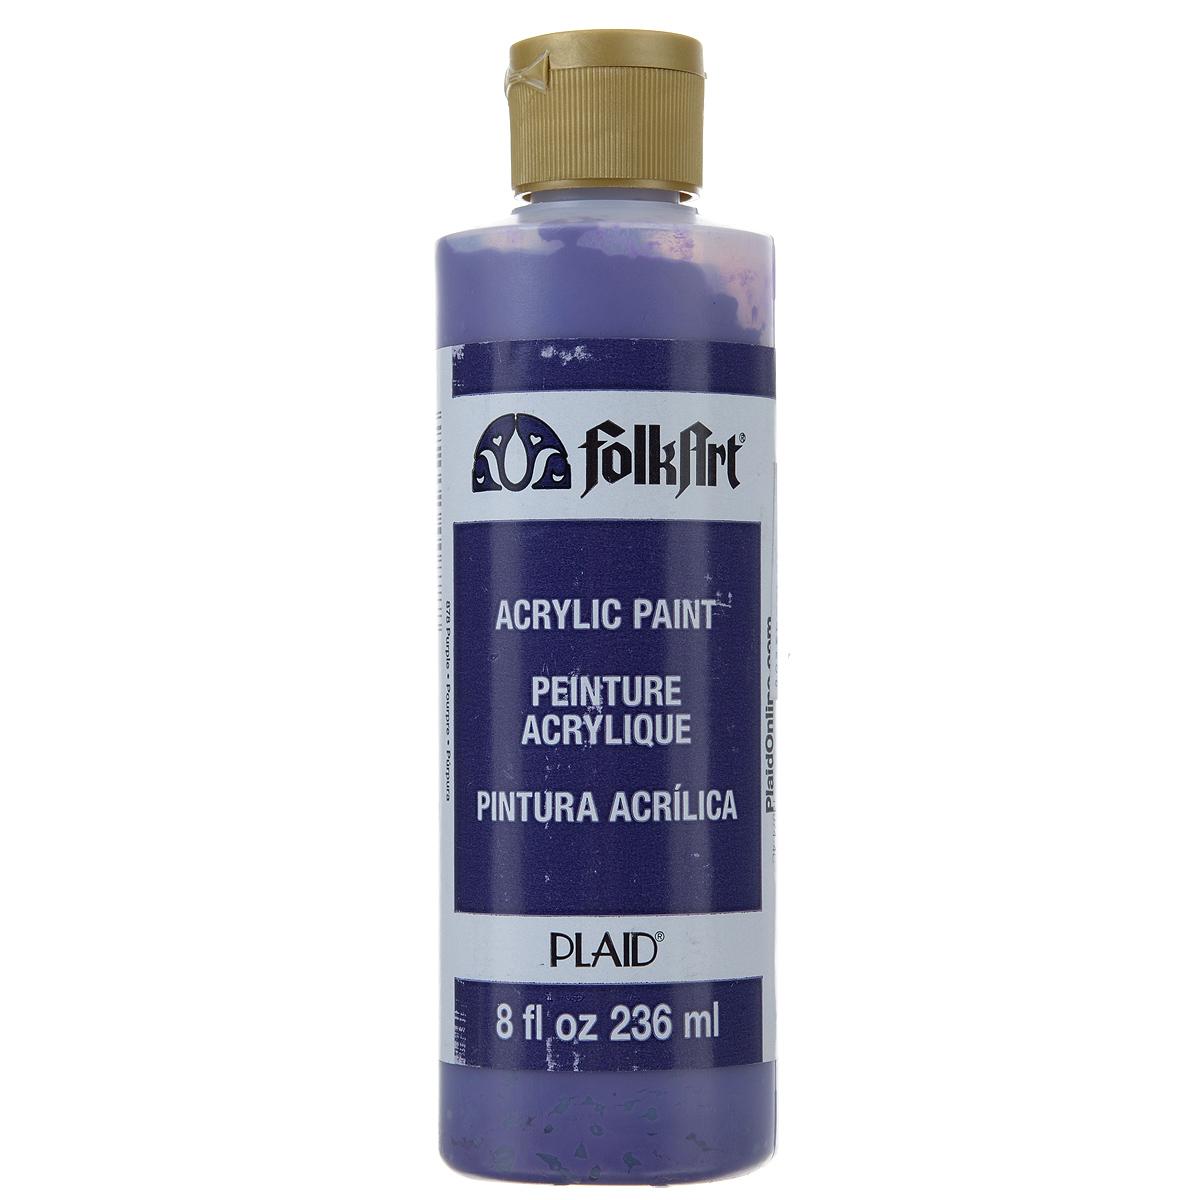 Акриловая краска FolkArt, цвет: фиолетовый, 236 млPLD-00878Акриловая краска FolkArt выполнена на водной основе и предназначена для рисования на пористых поверхностях. Стойкое окрашивание, однородная консистенция. Краска устойчива к погодным и ультрафиолетовым воздействиям. Возможно нанесение на ткань, стекло, керамику при использовании со специальными составами-медиумами. Краски хорошо смешиваются между собой. Не нуждается в дополнительном покрытии герметиком. После высыхания имеет глянцевый вид. Изделия покрытые краской FolkArt, прекрасно дополнят ваш интерьер. Объем: 236 мл.